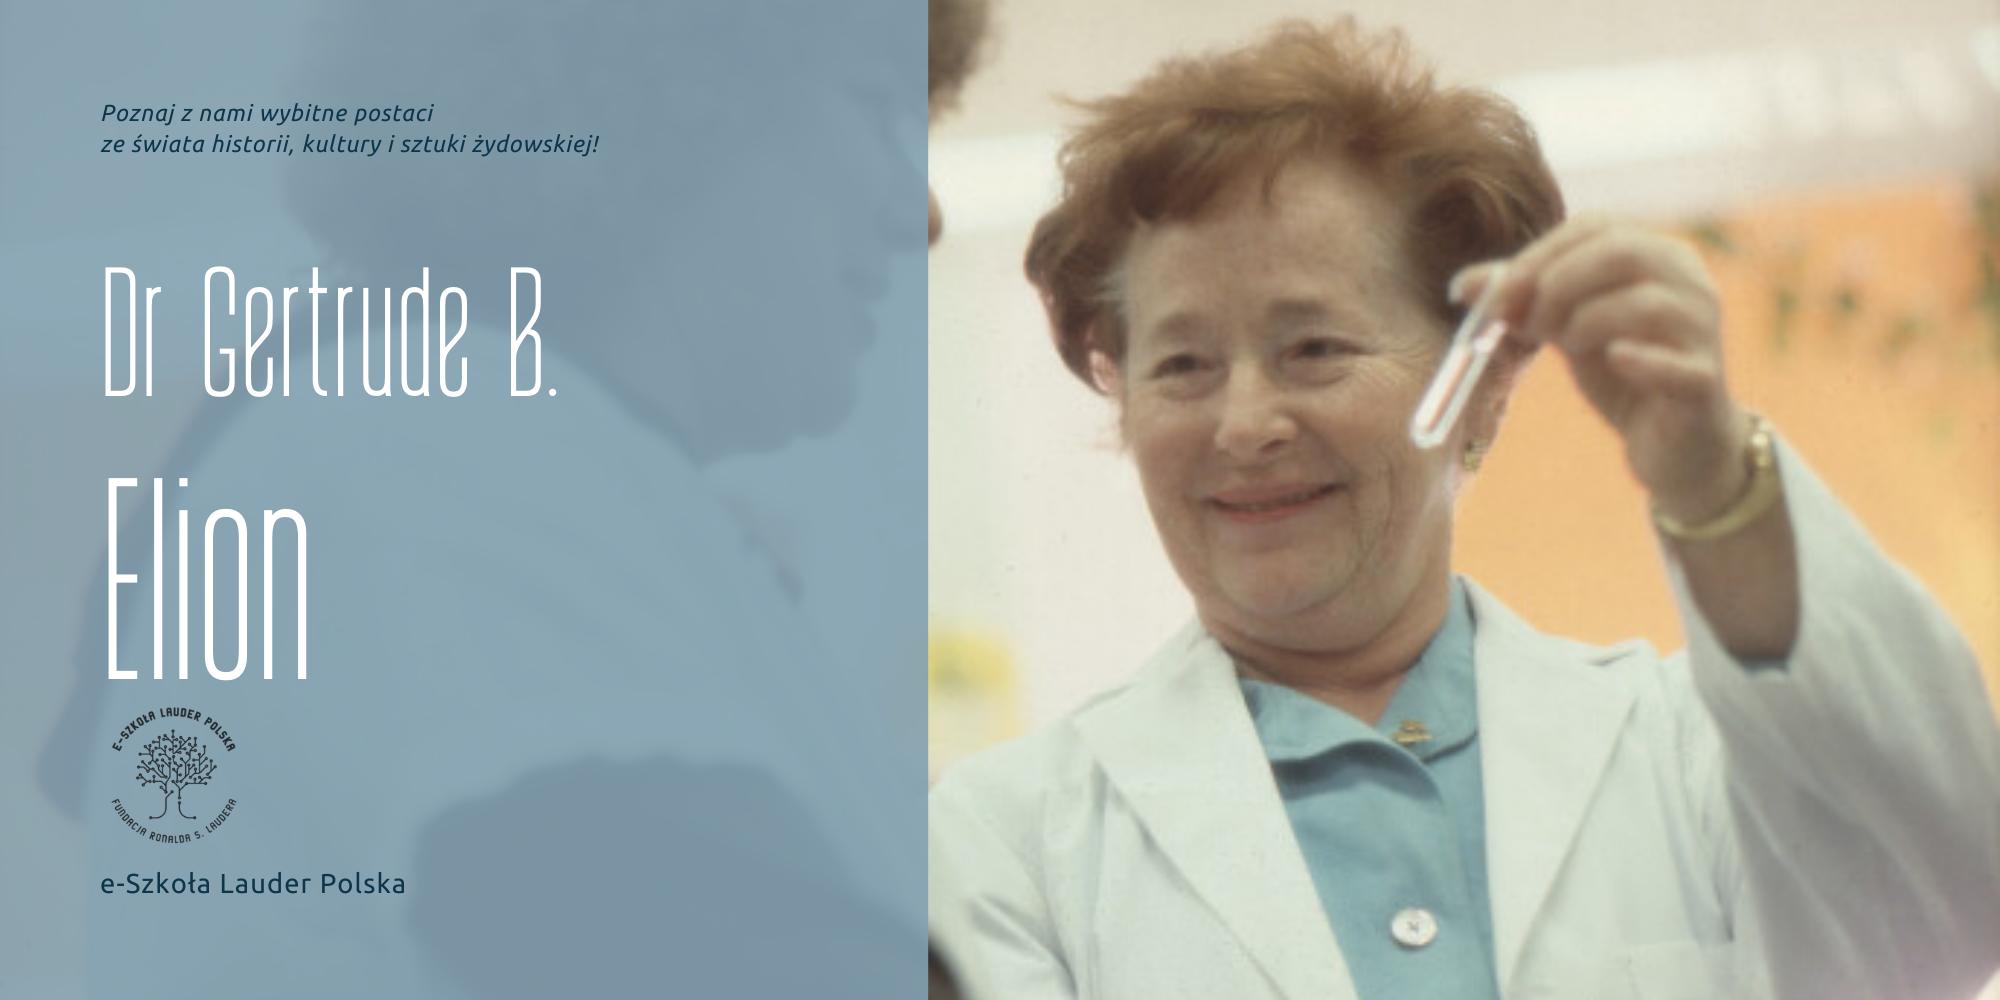 Gertrude B. Elion – chemiczka, farmakolożka i laureatka Nagrody Nobla